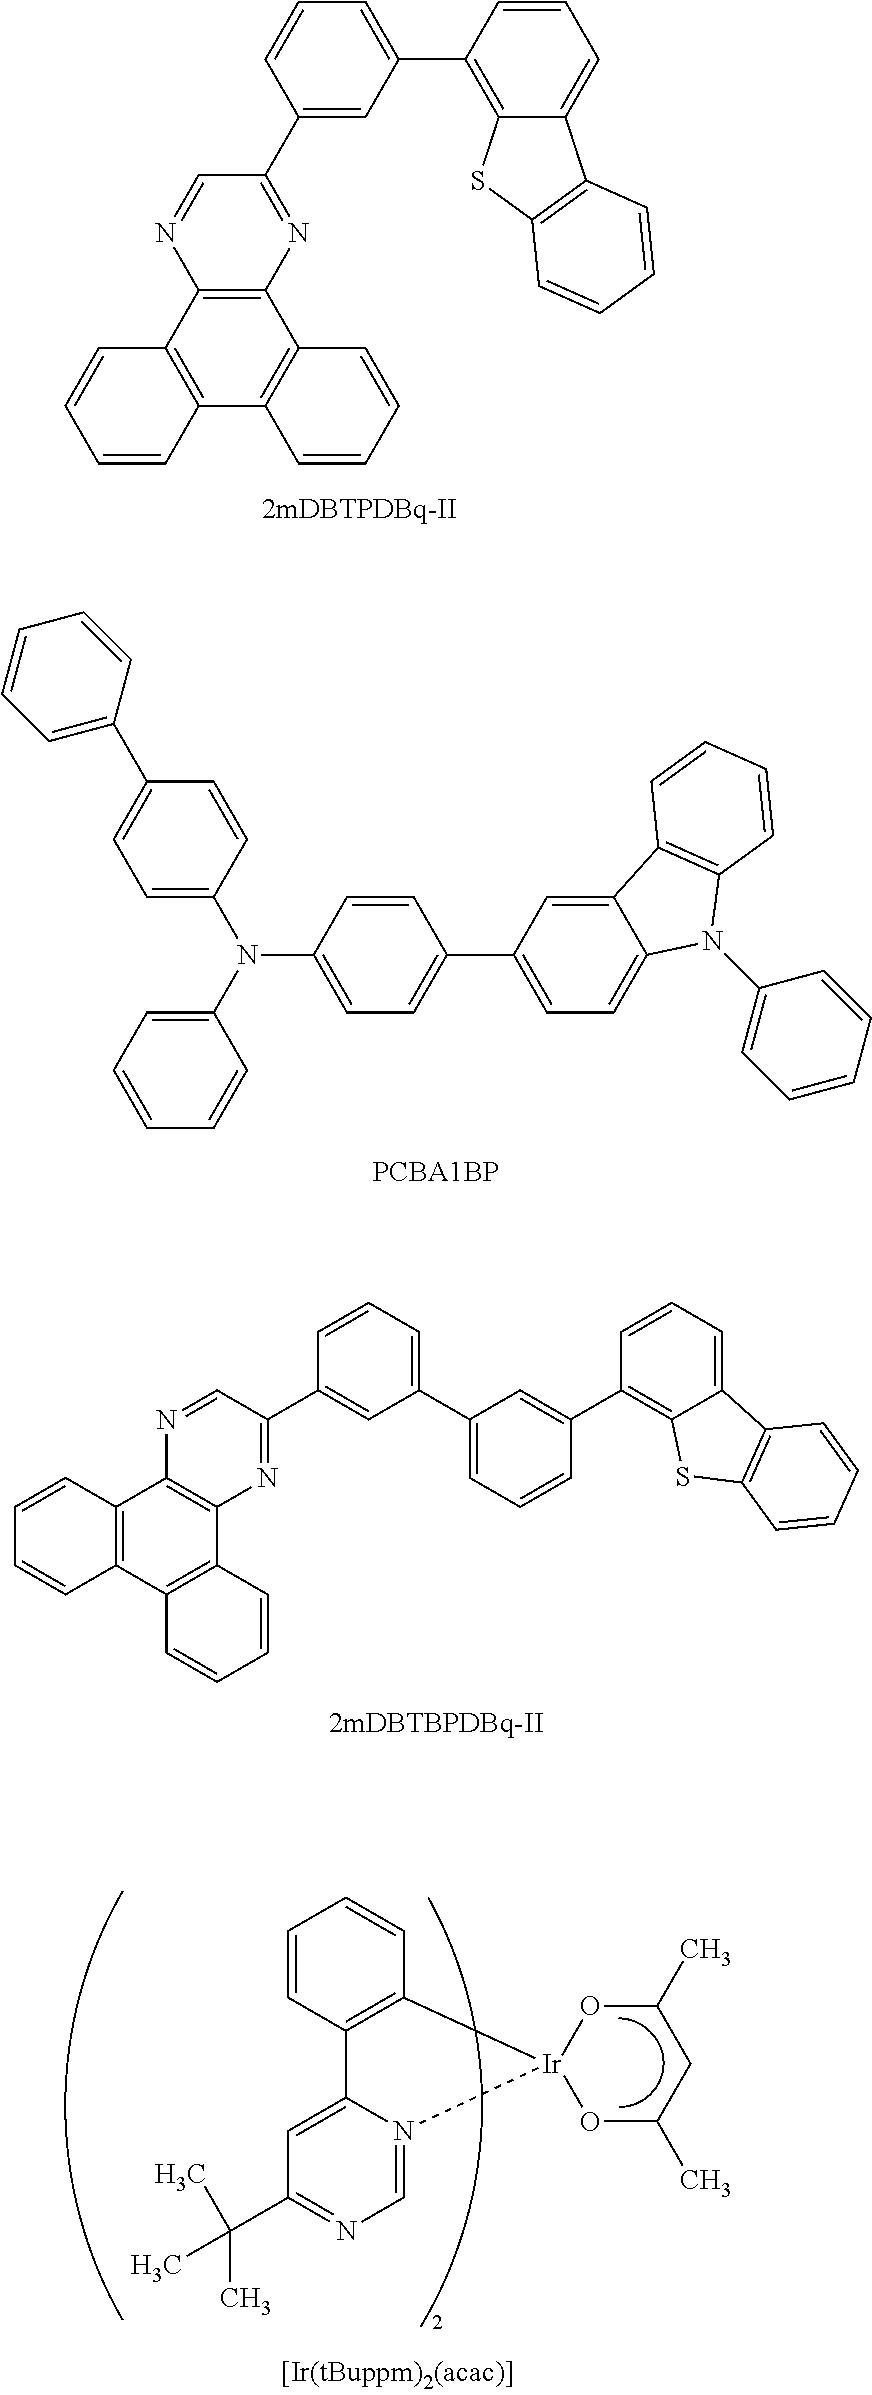 Figure US09391289-20160712-C00010